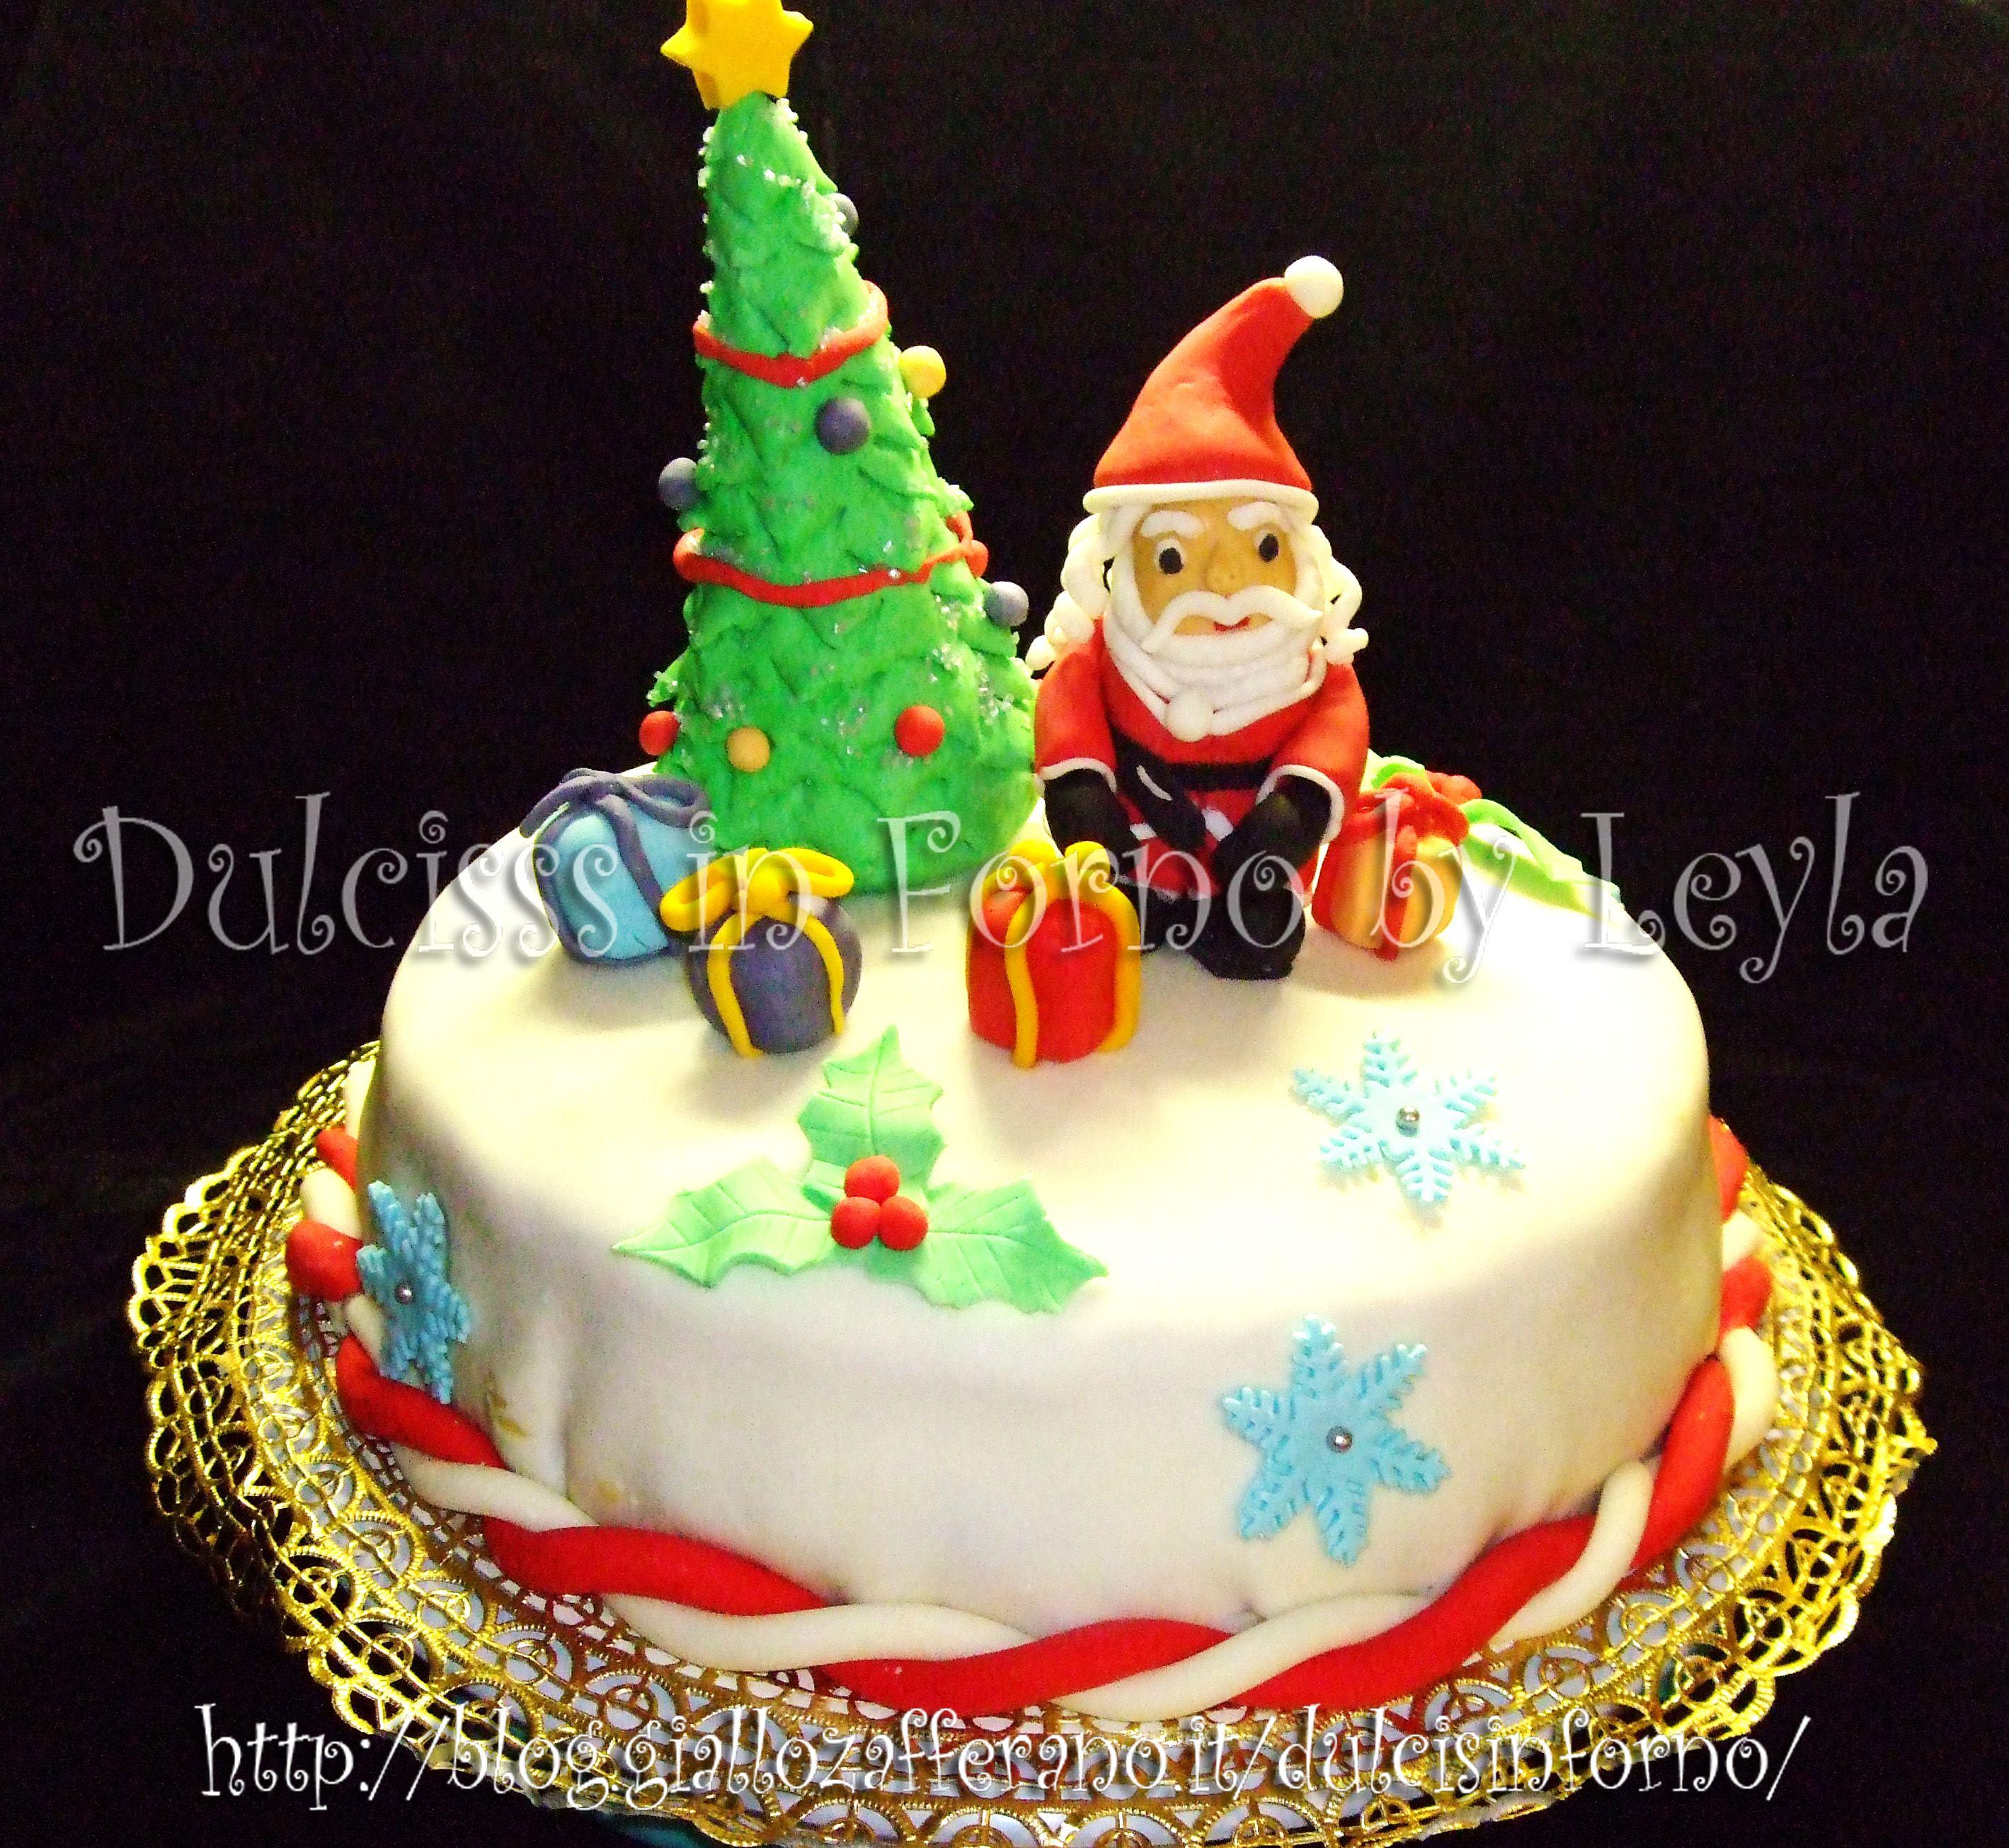 Torte Decorate Per Natale torta natalizia decorata: la mia prima torta decorata per